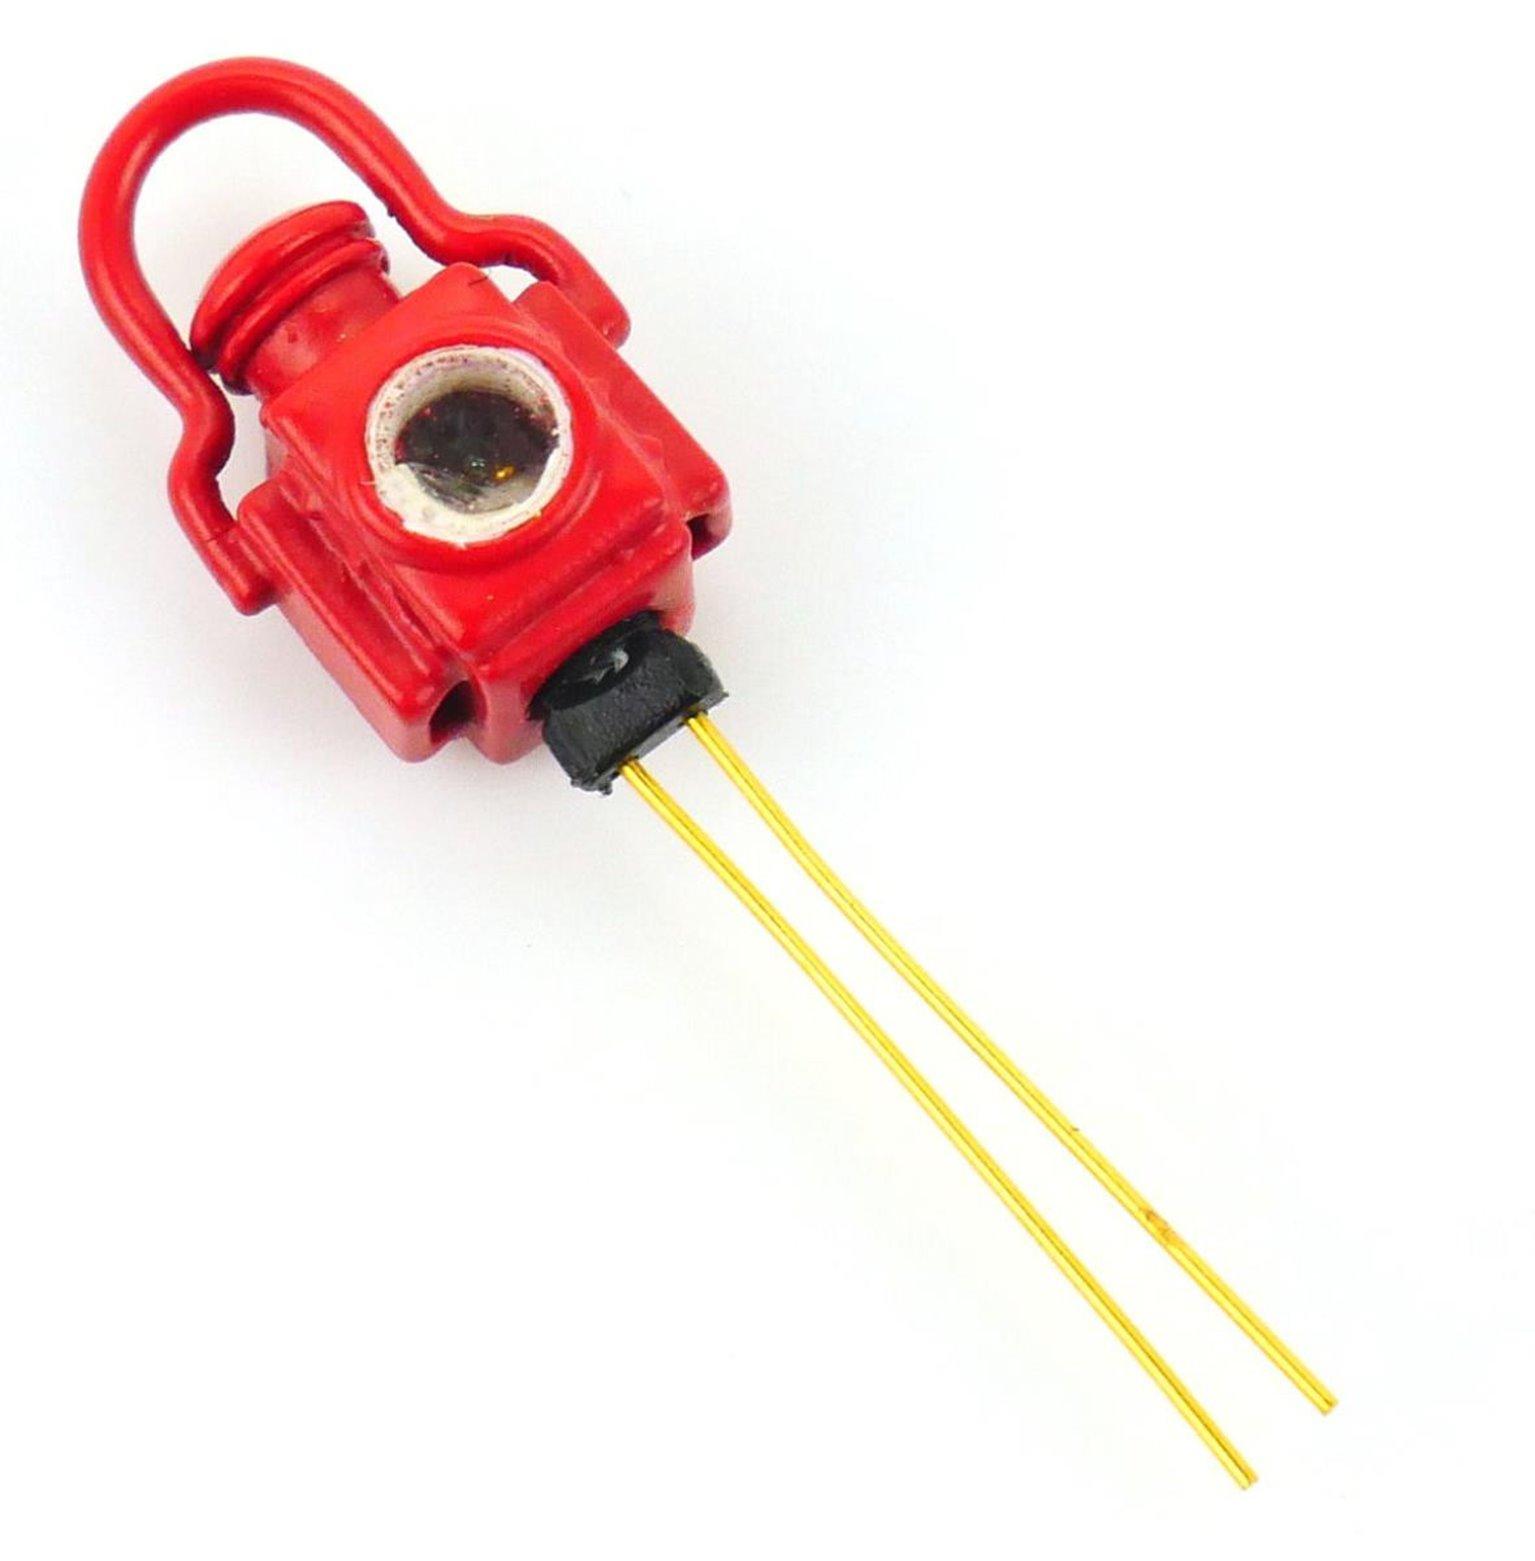 Dapol 7A-000-009 Brake Lamp Red